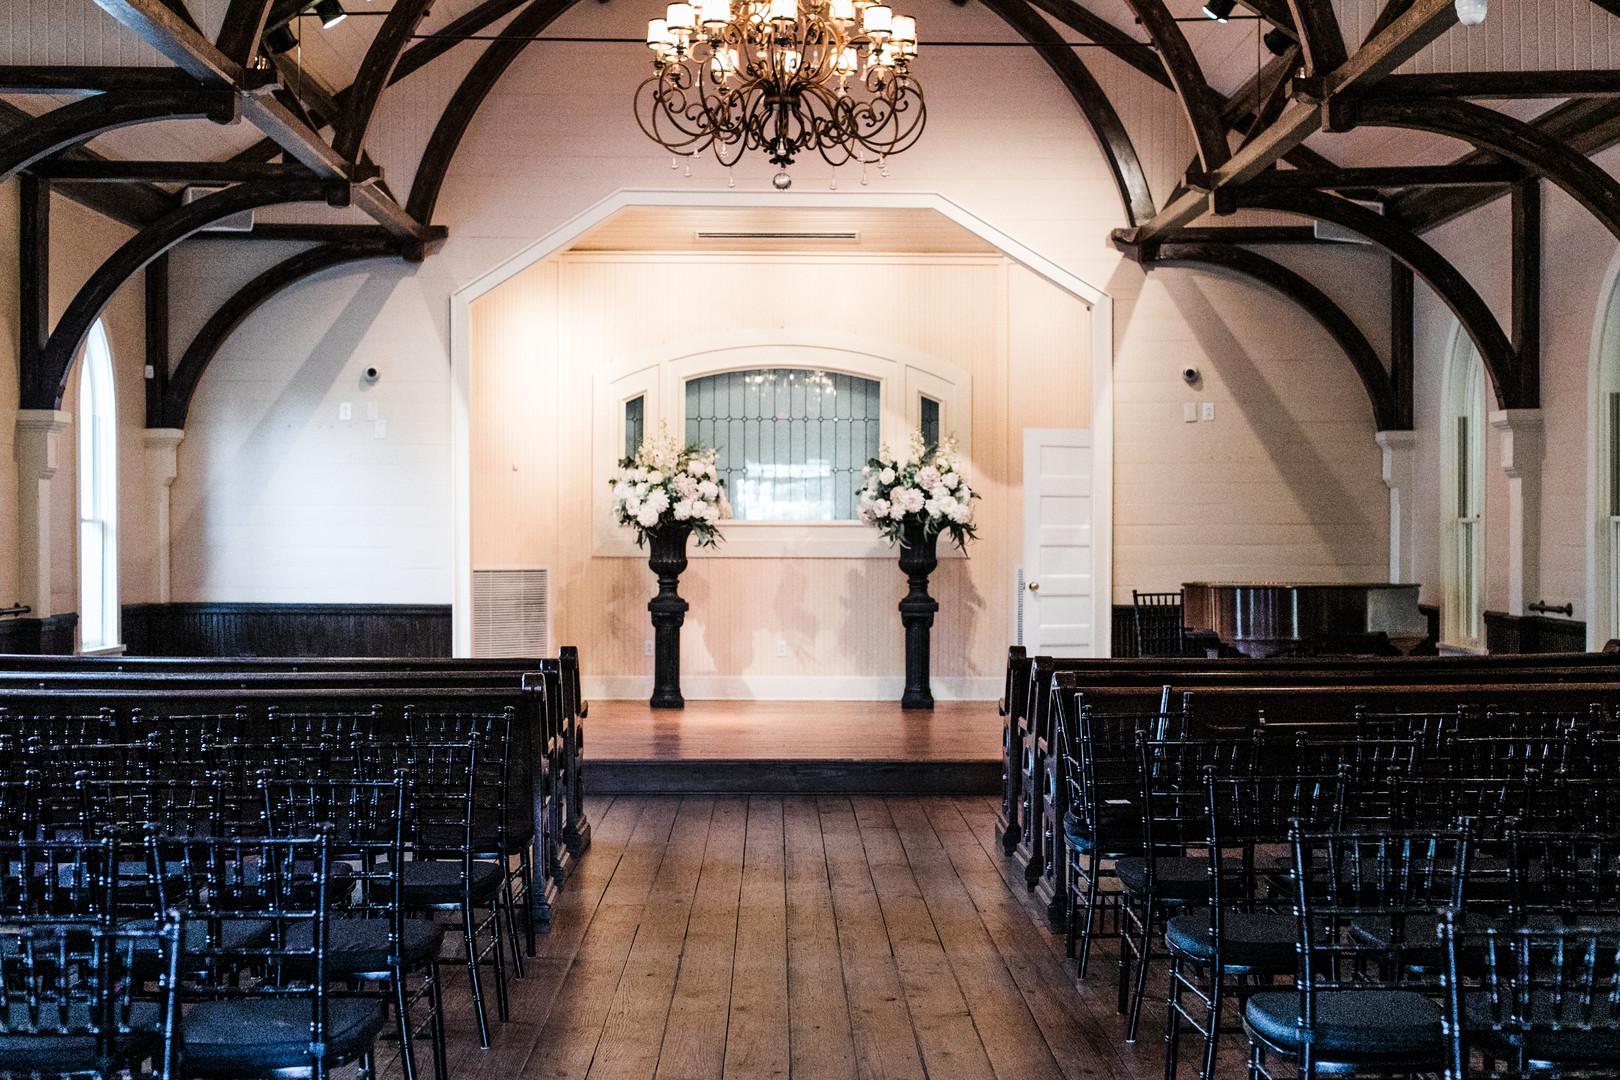 tybee-island-wedding-chapel-8.jpg